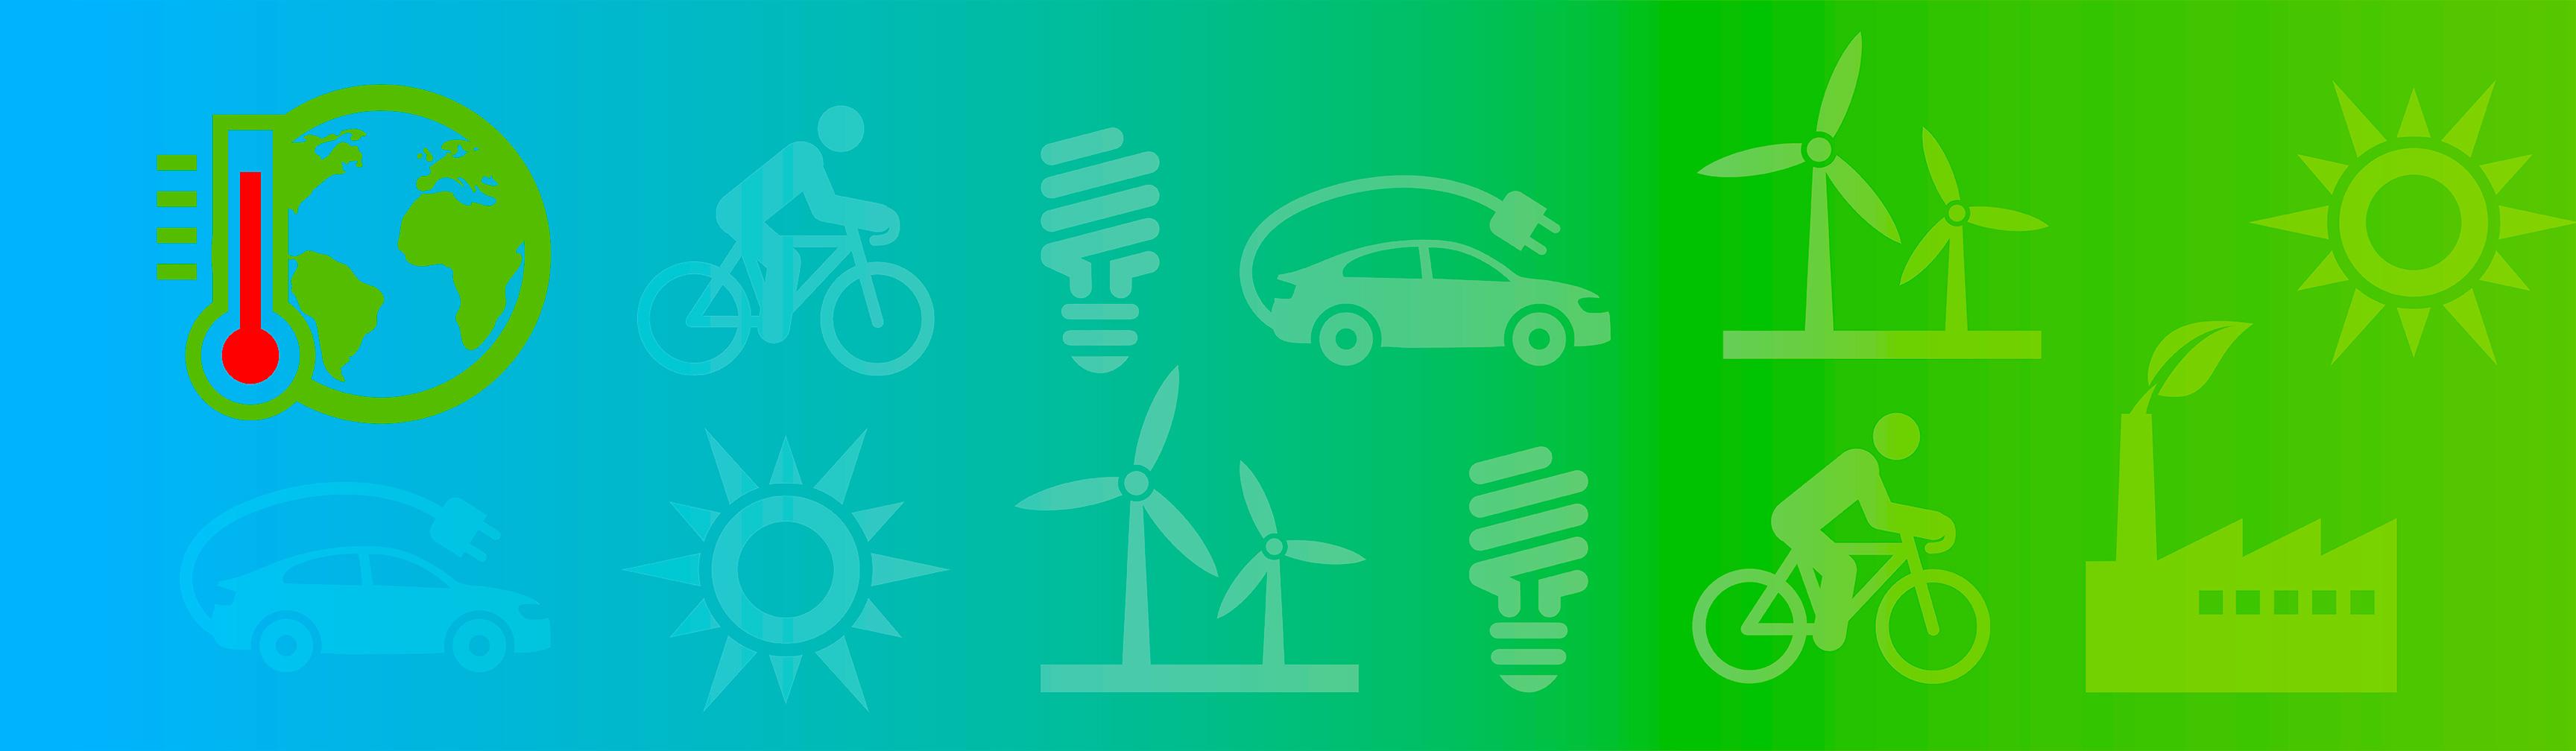 38 M$ pour la transition énergétique plutôt que pour le gaz dans la MRC de Montmagny, suggèrent des citoyens